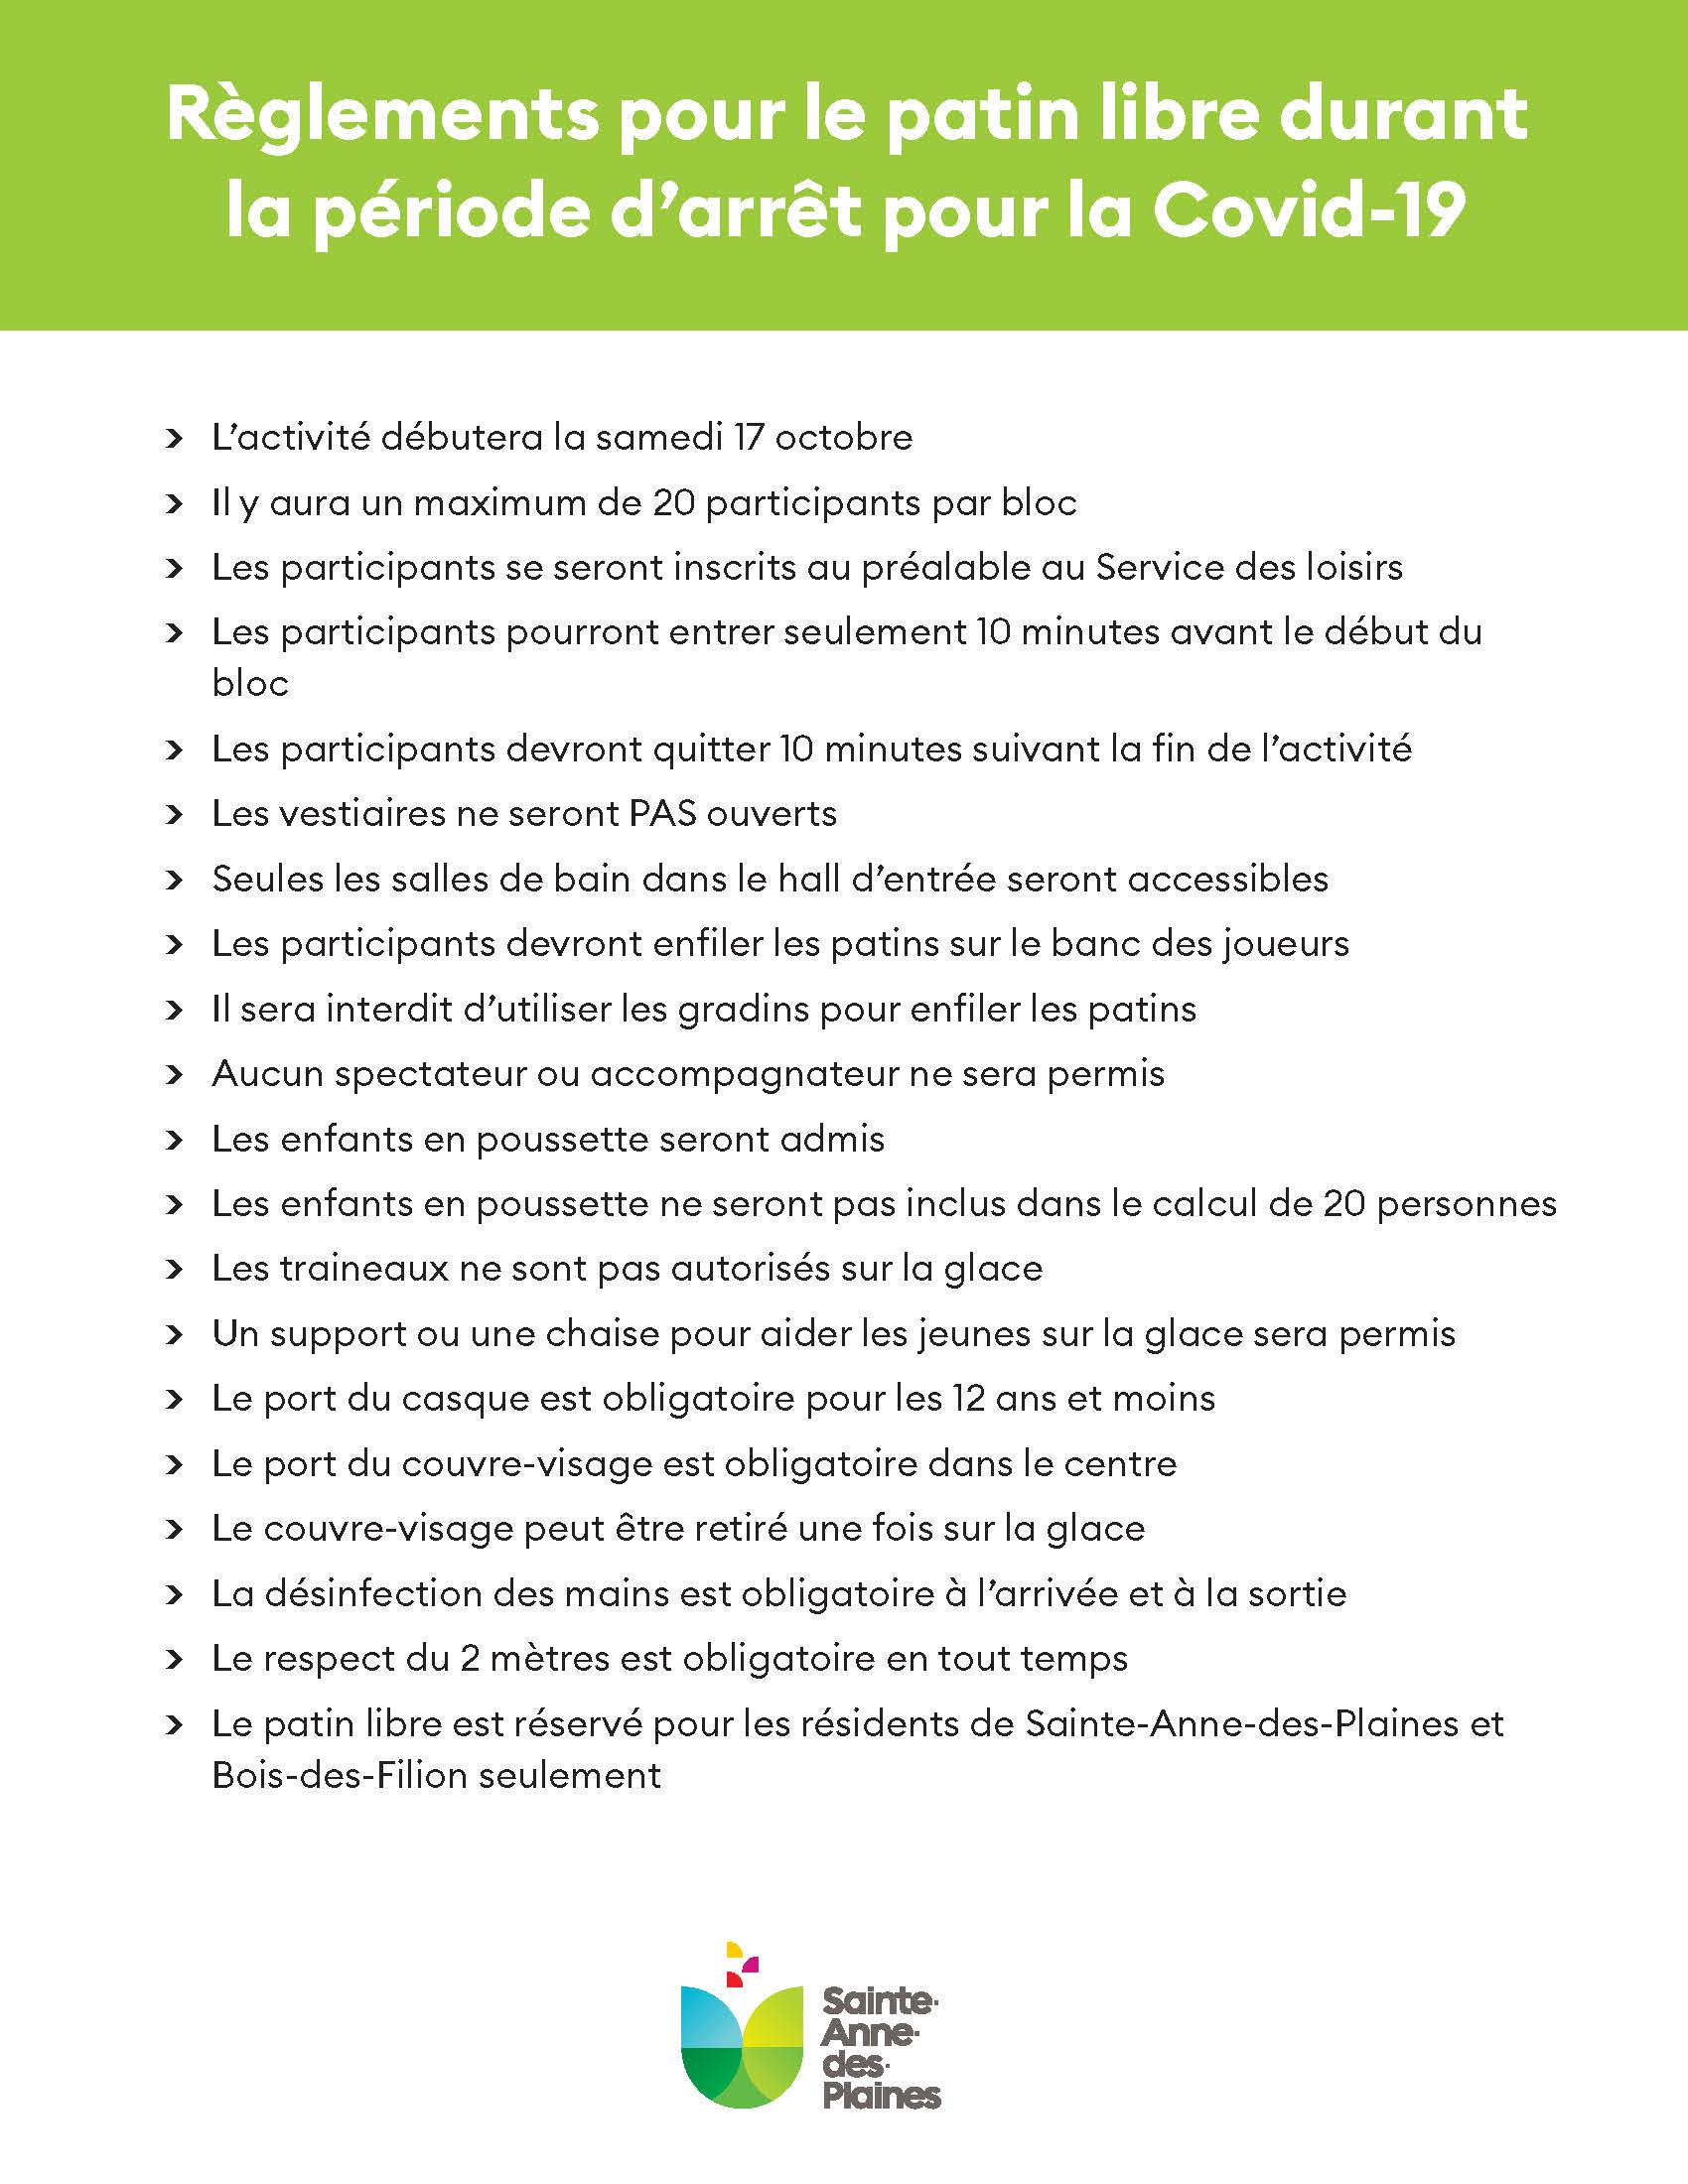 Affiche_Horaire patin libre automne 2020_v4_Page_2